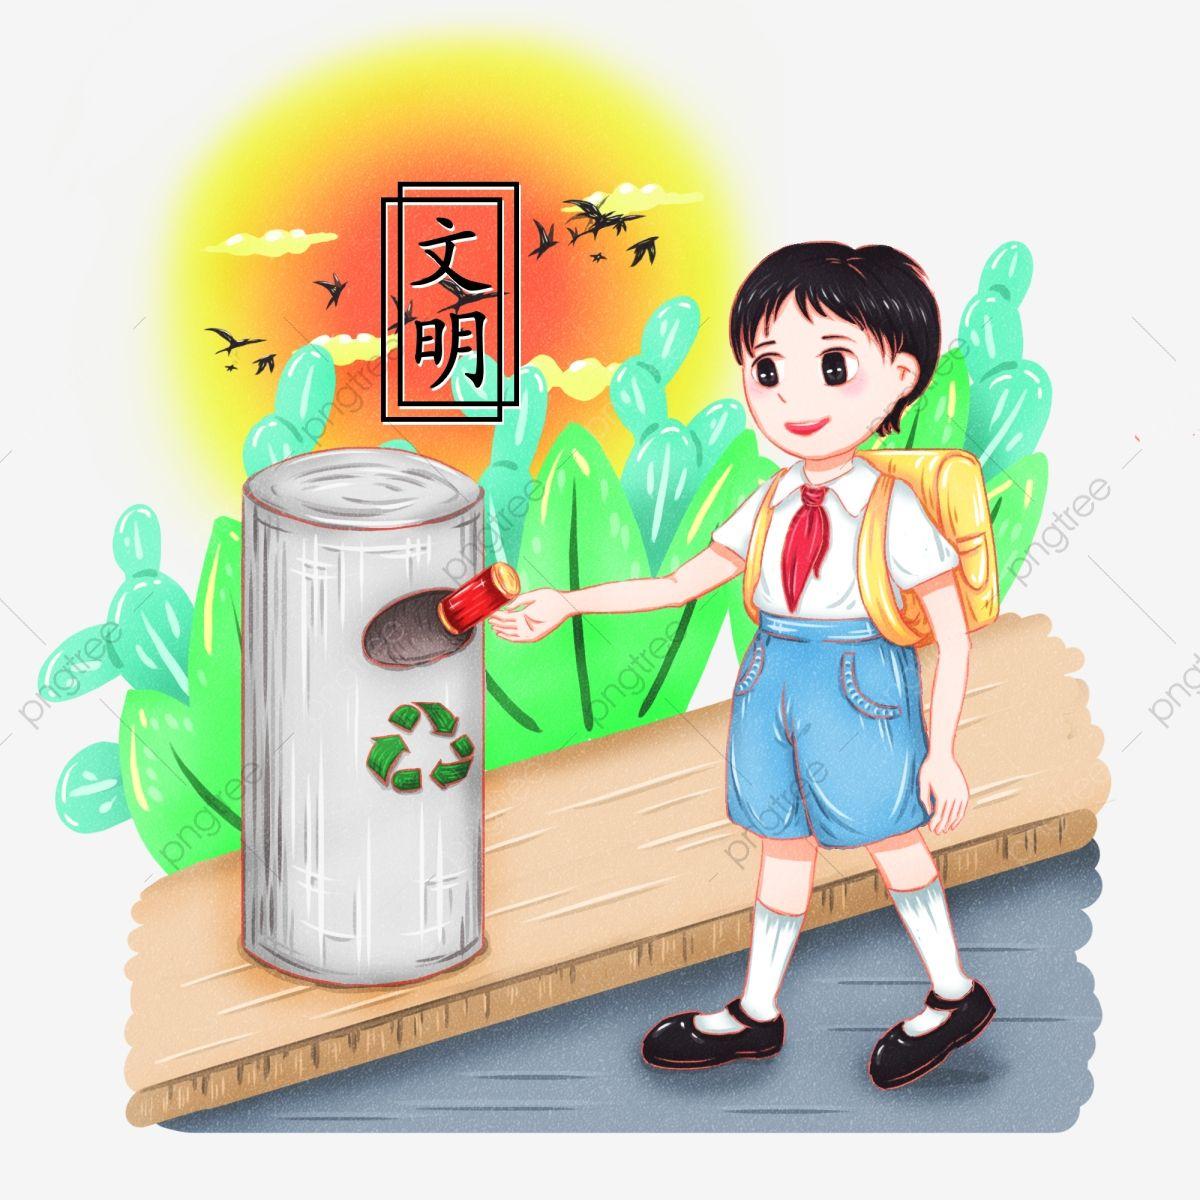 Elementos De Personajes De Dibujos Animados De Civilizacion Dibujados A Mano De Valores Centrales Socialistas Bote De Basura Tirar Basura Reciclar Y Reutiliz Manos Dibujo Dibujos Dibujos Animados